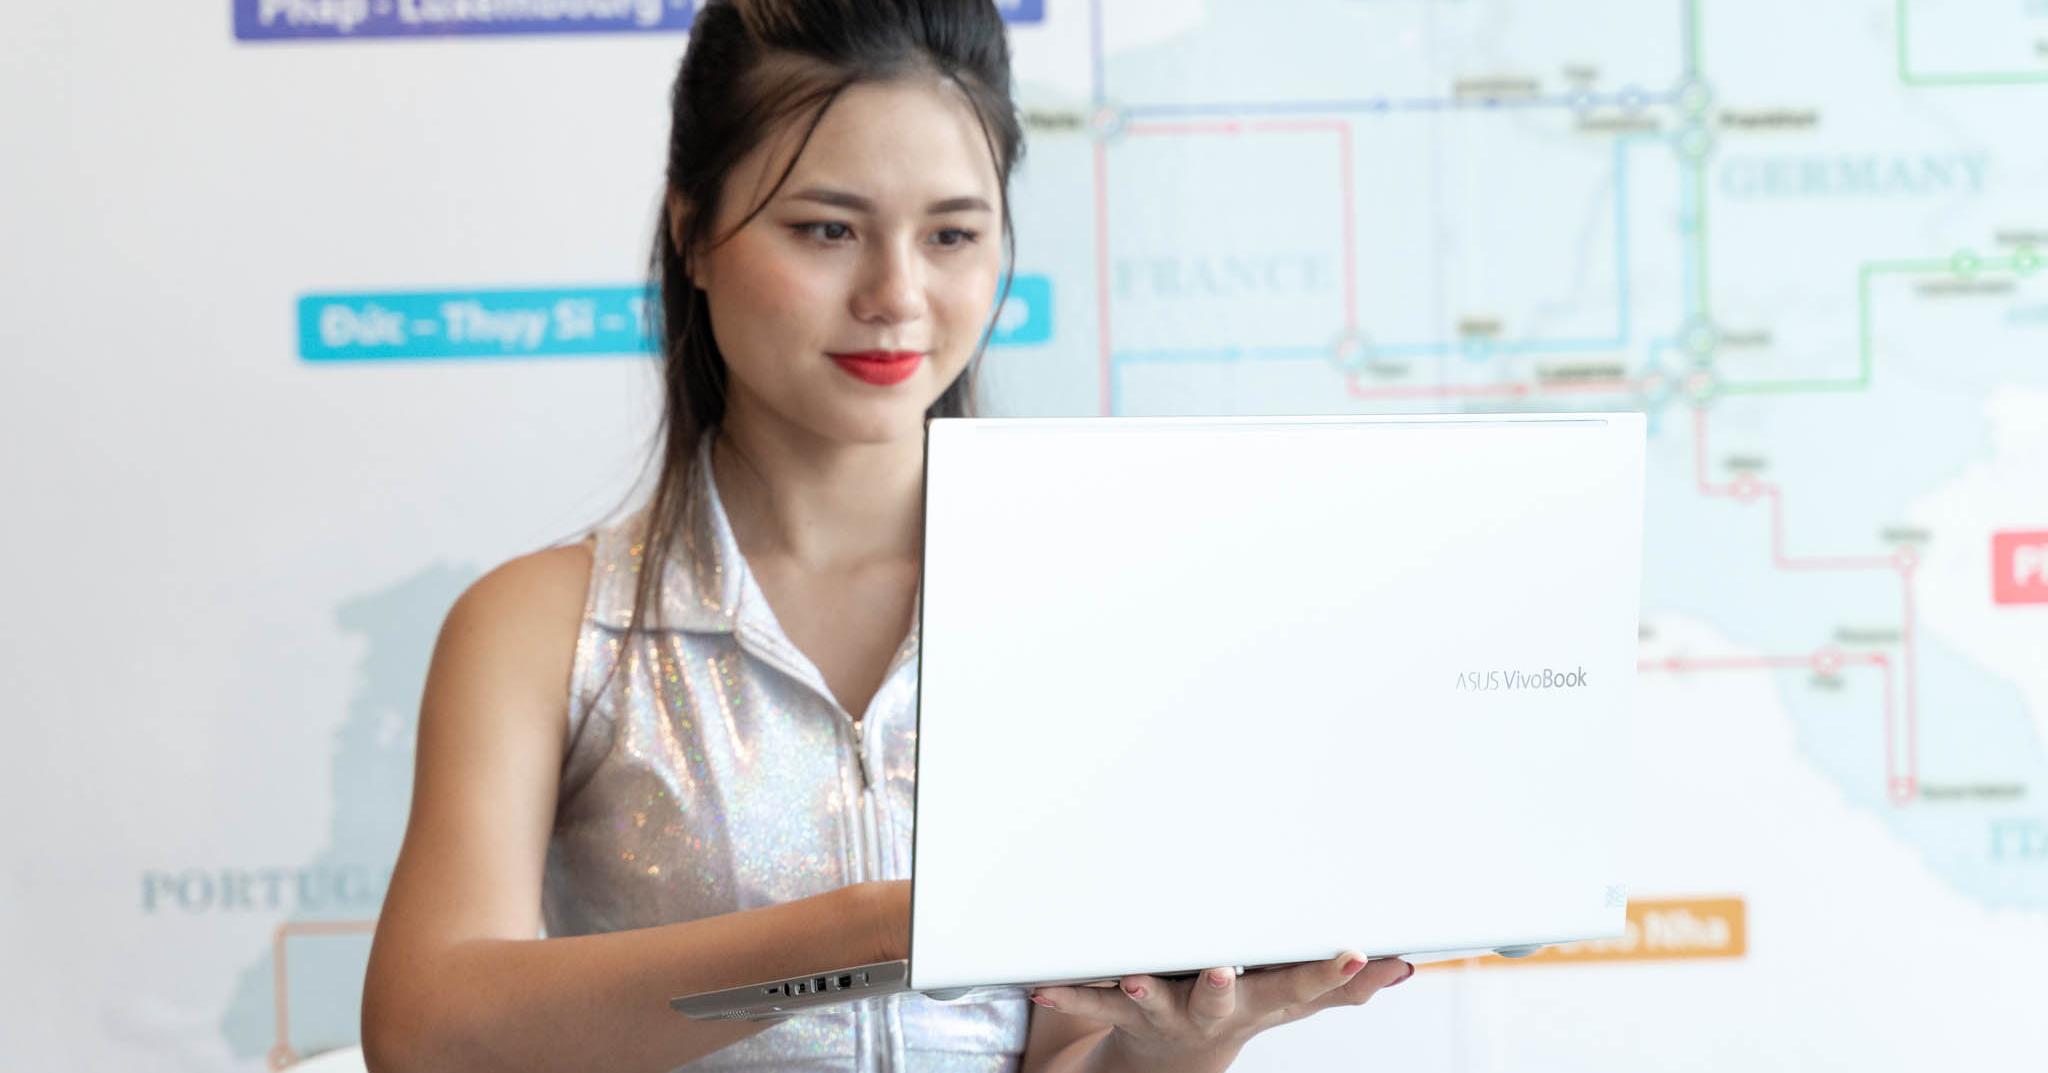 Những chiếc laptop văn phòng mỏng nhẹ, thời trang nhưng cấu hình mạnh mẽ, giá từ 15 triệu